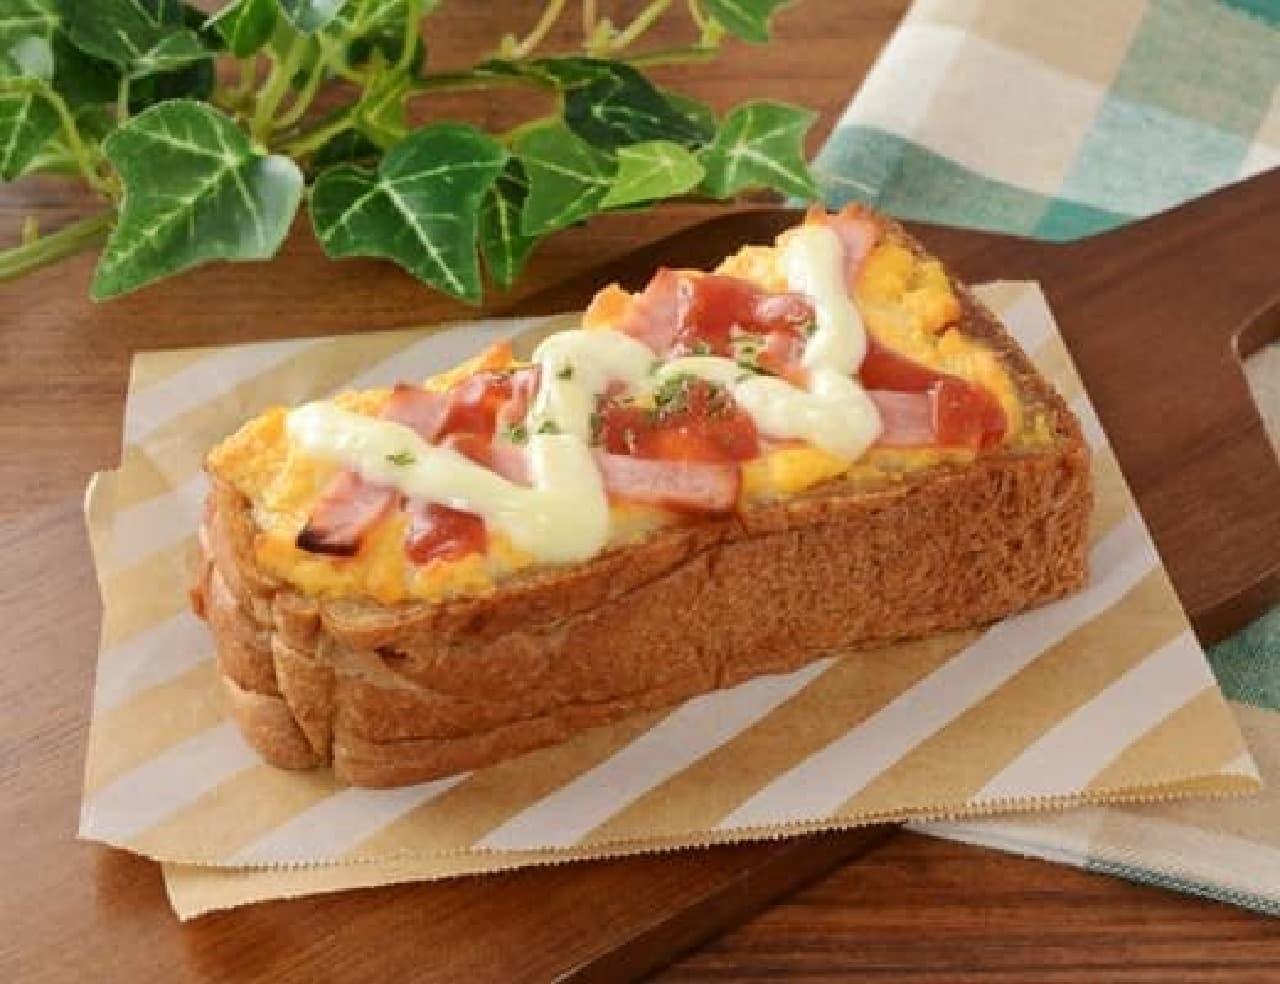 ローソン「ハムエッグトースト~ブラン入り食パン使用~」